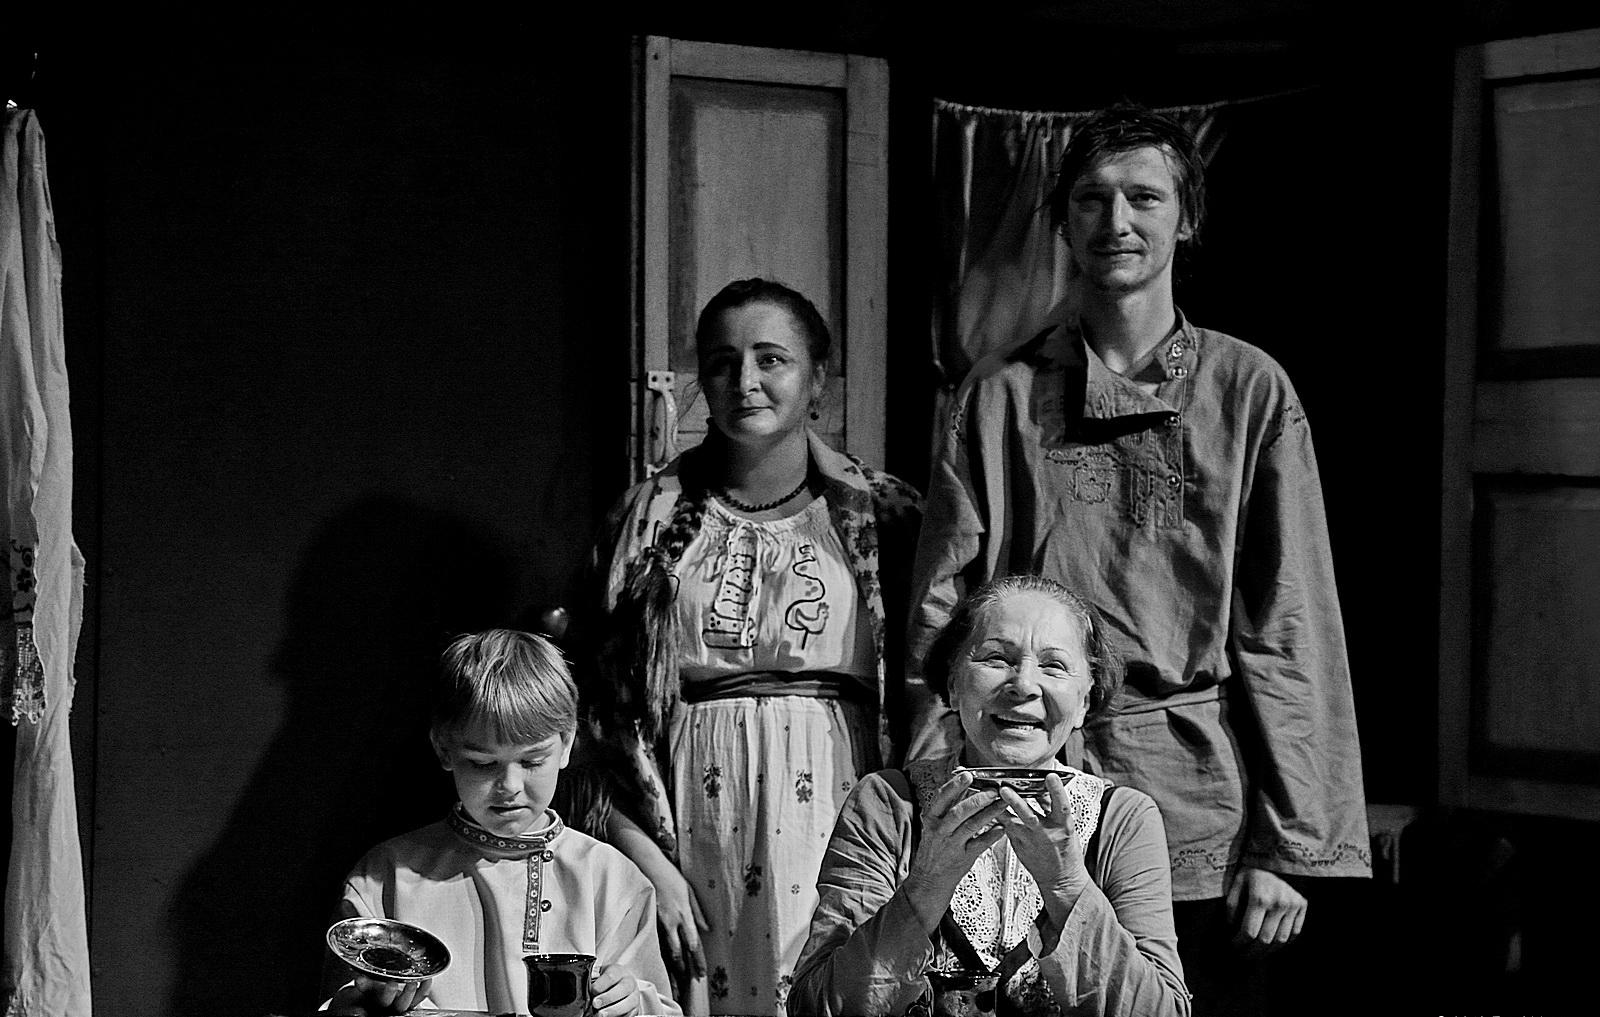 Фото со спектакля «Детство» в Коляда-Театре предоставлено организаторами